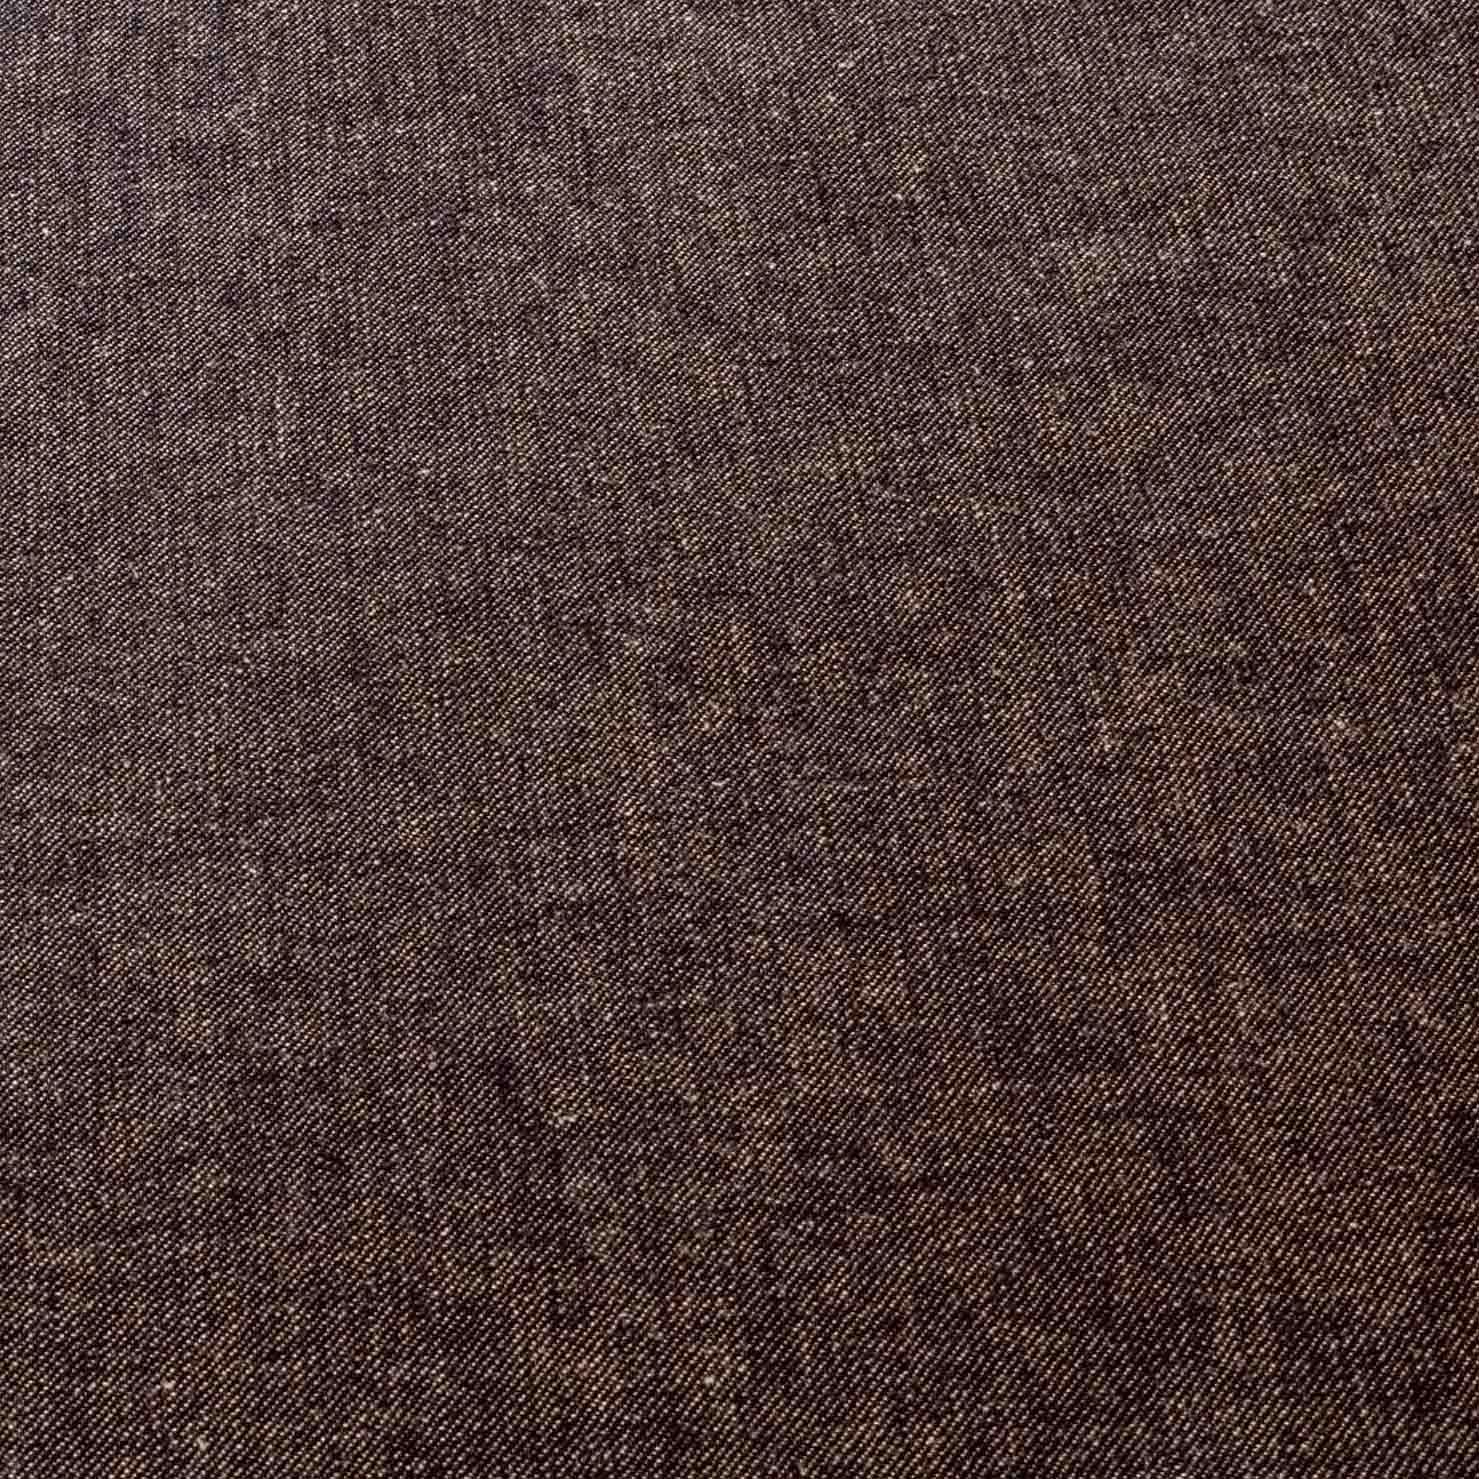 Tecido Jeans Azul Escuro 100% Algodão 1,80 m Largura